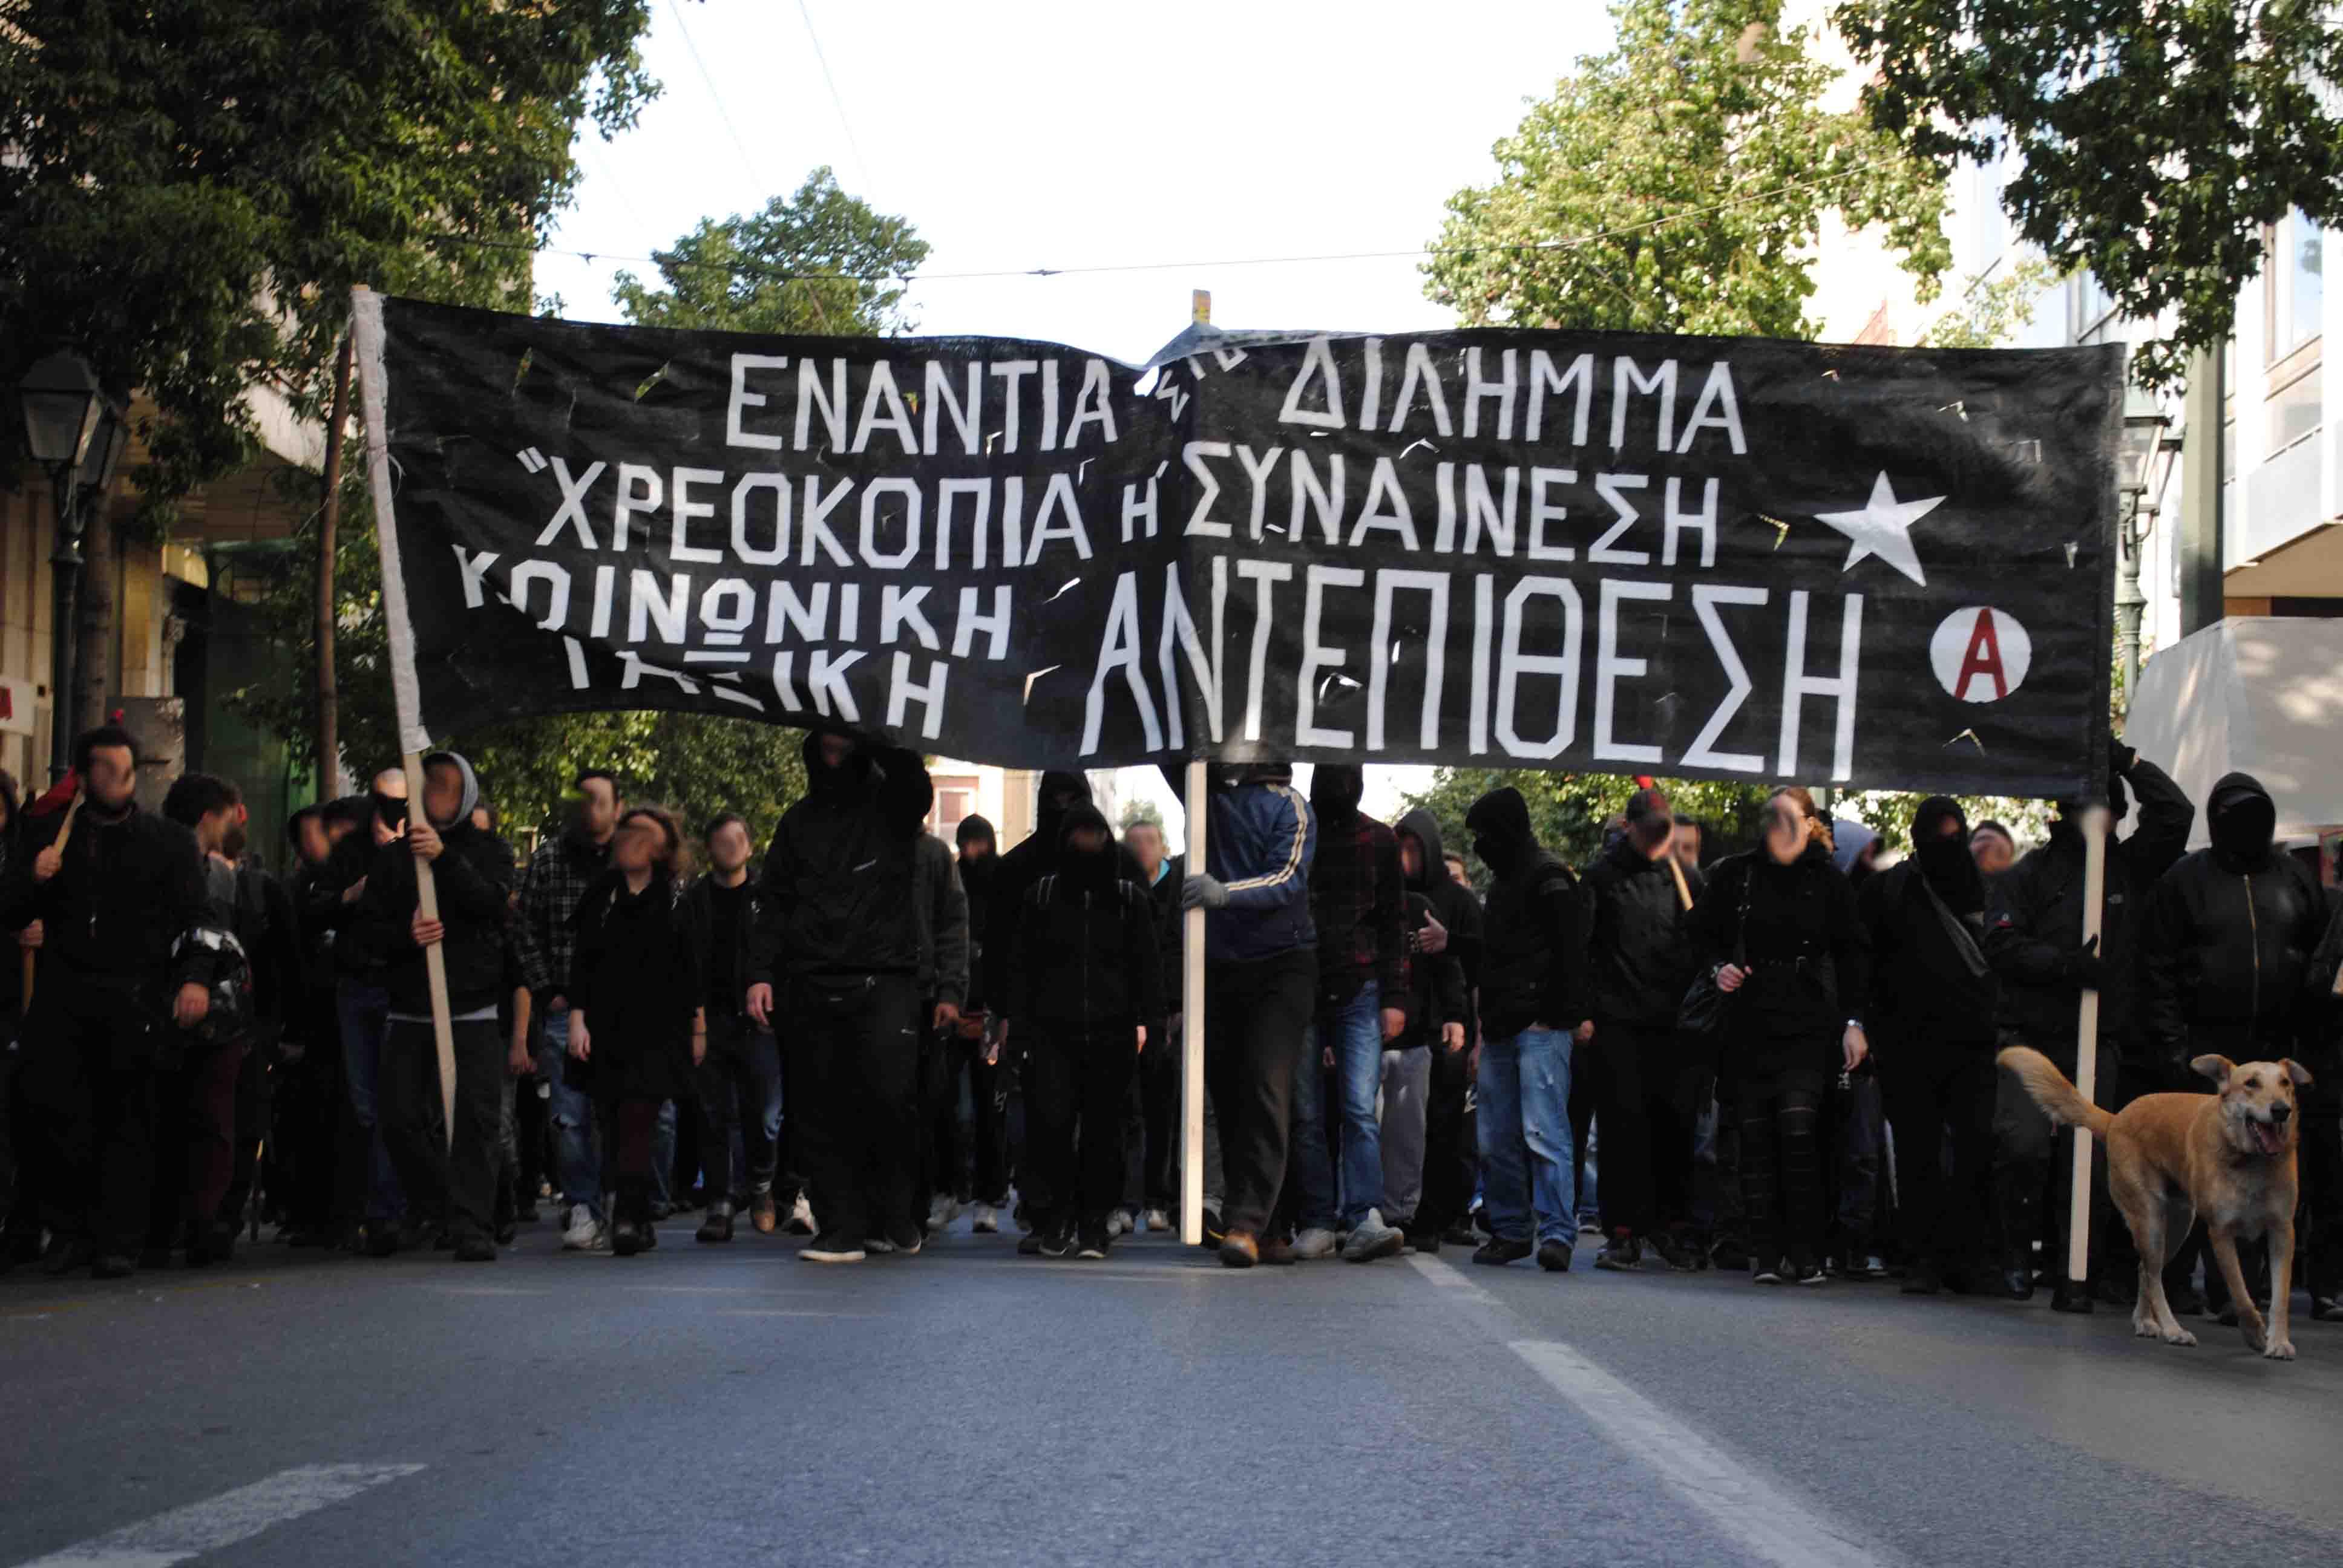 """Fronttransparent einer anarchistischen Demonstration am 4.2. in Athen: Gegen das Dilemma """"Einwilligung oder Pleite"""" – Gegenangriff von Gesellschaft und Klasse (Quelle: Indymedia Athens)"""